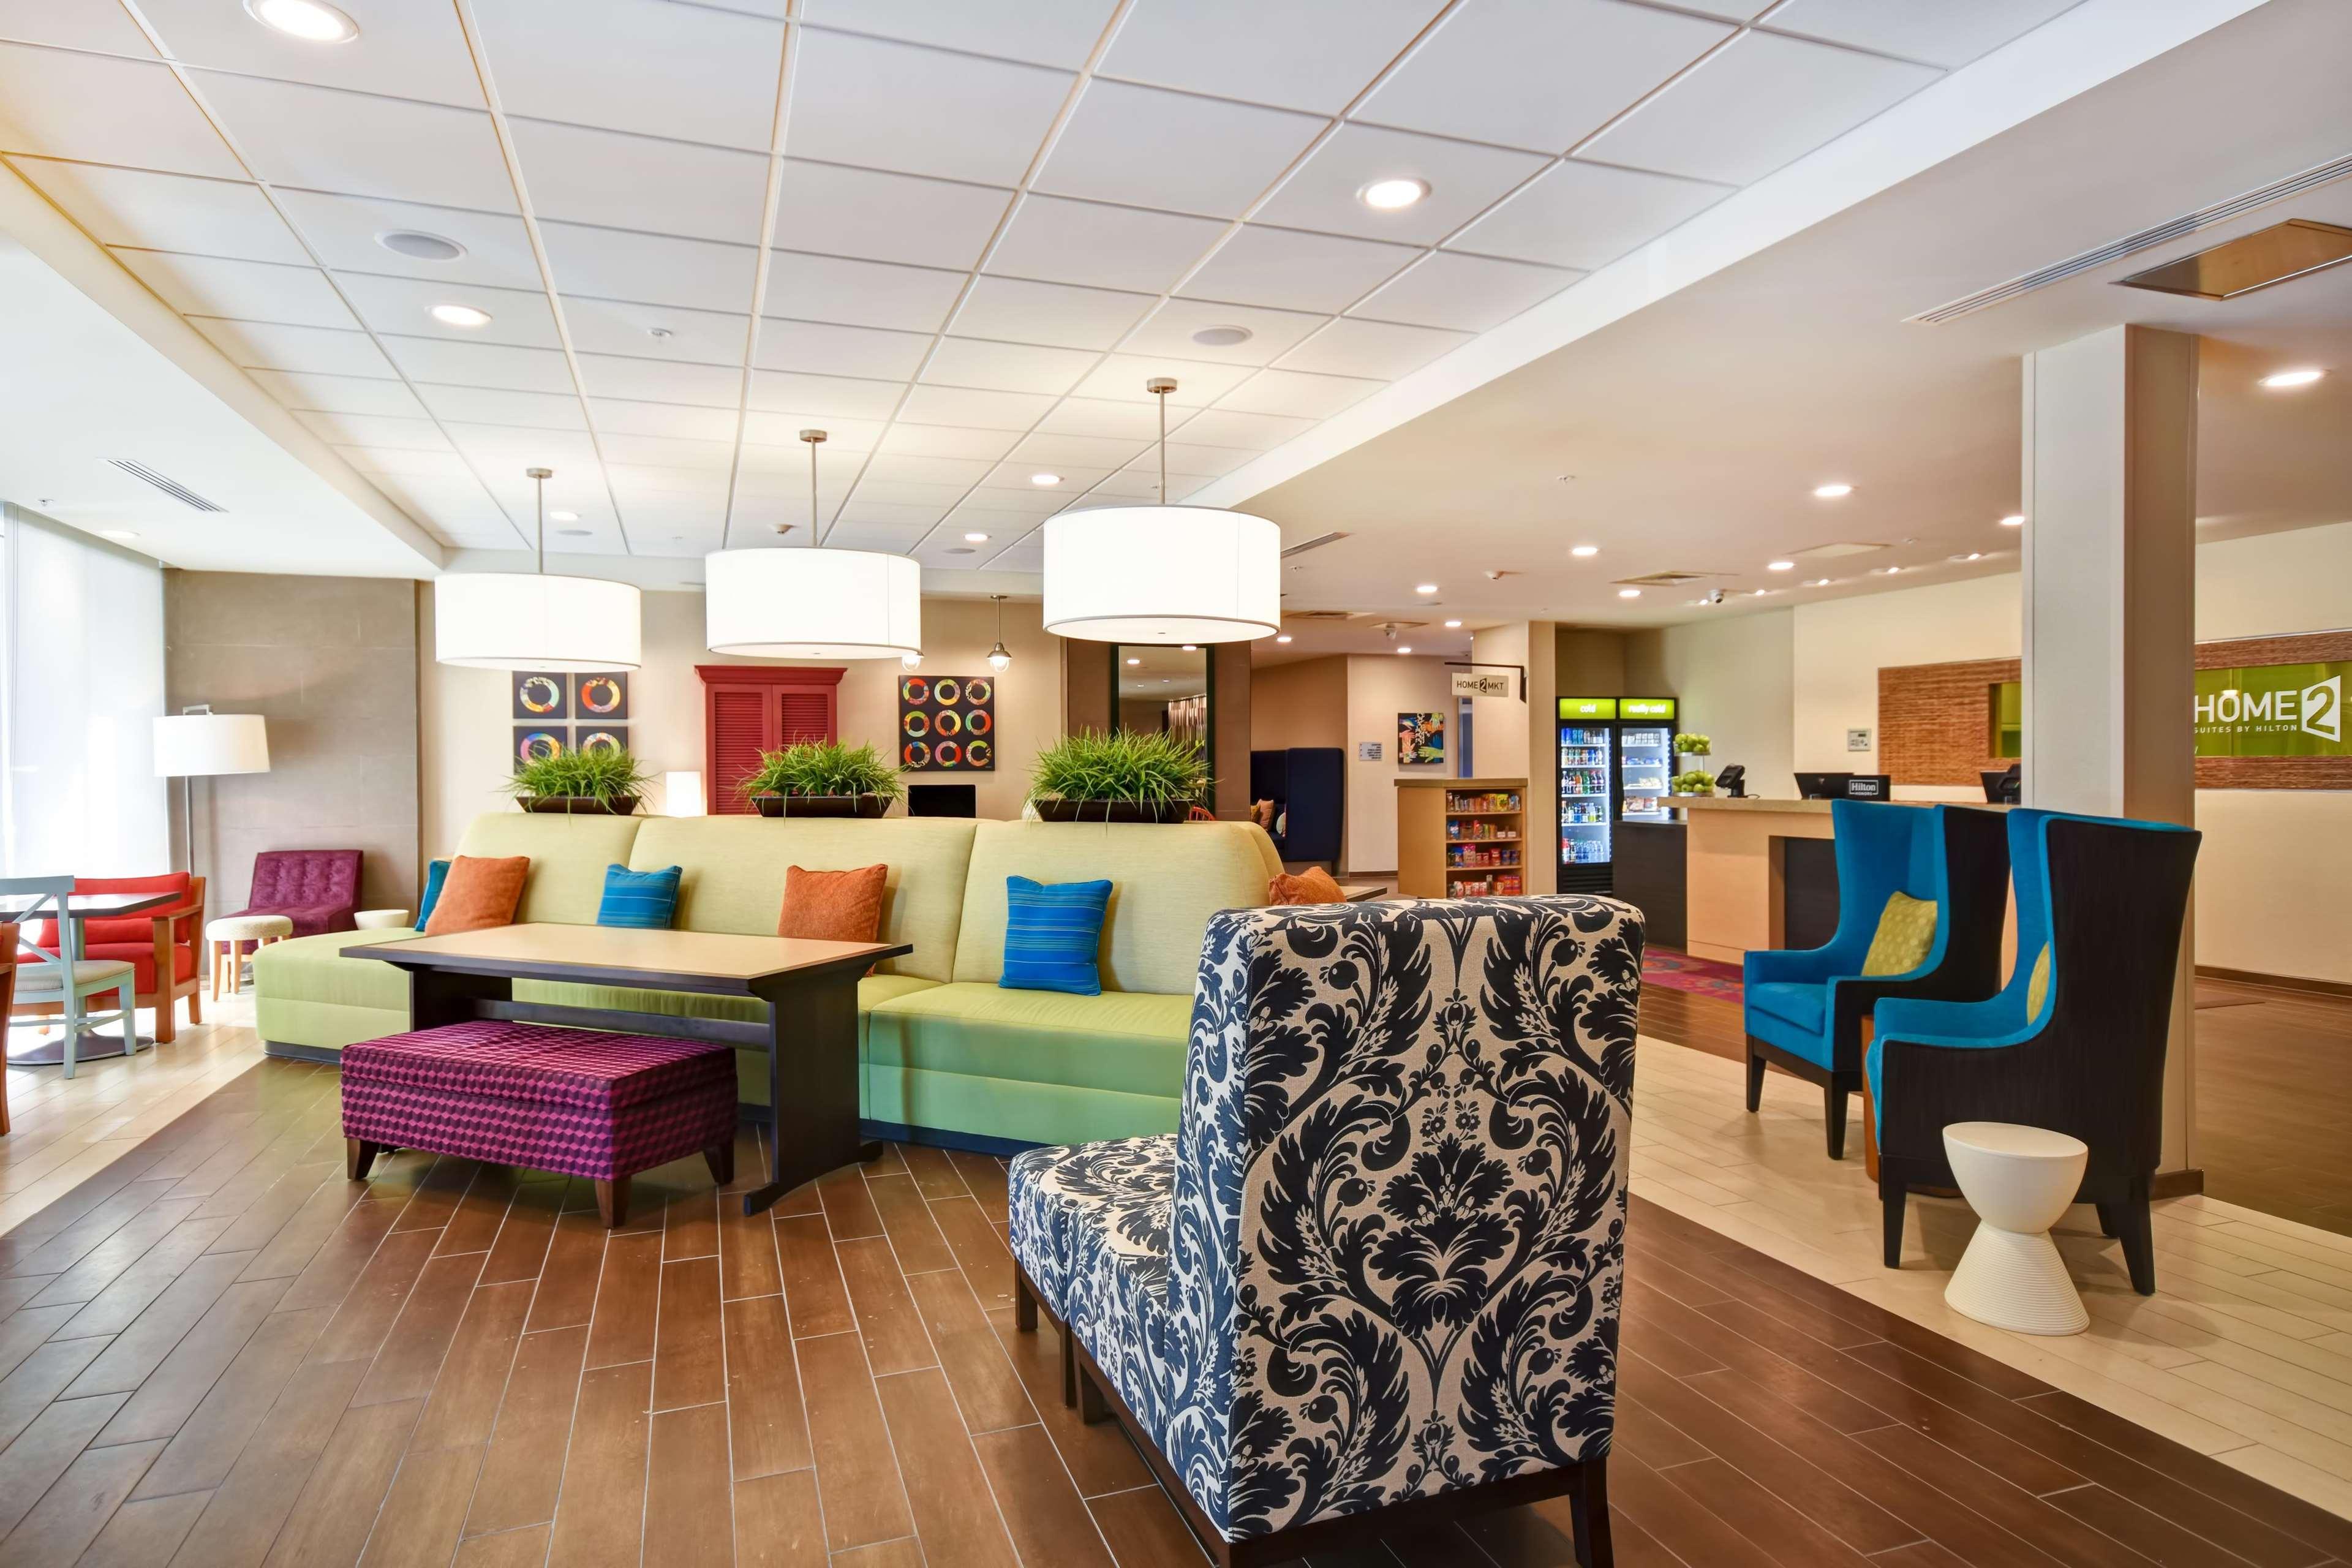 Home2 Suites by Hilton Smyrna Nashville image 11